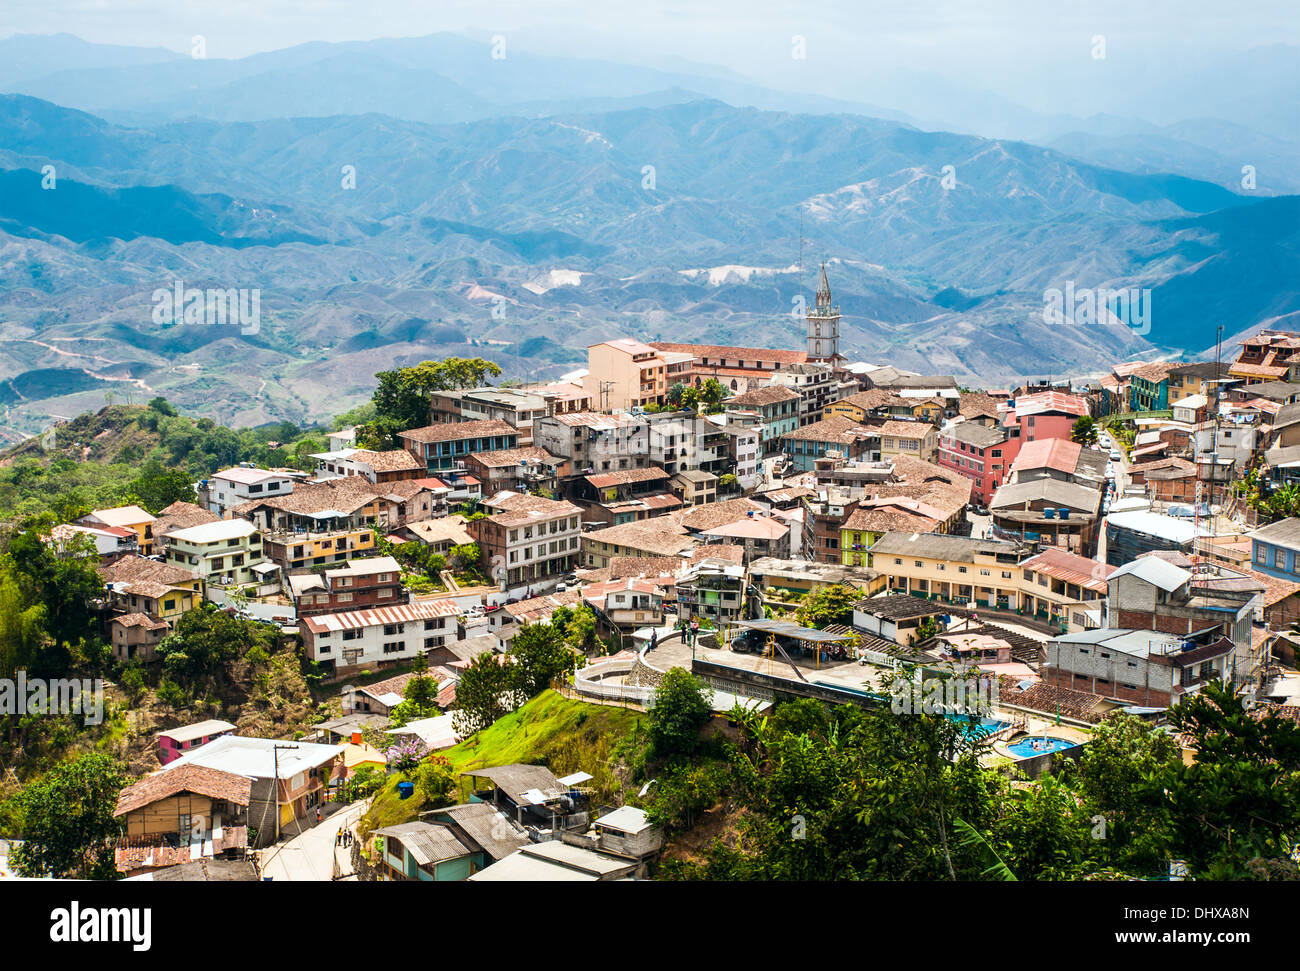 Zaruma, Andes, Ecuador - Stock Image